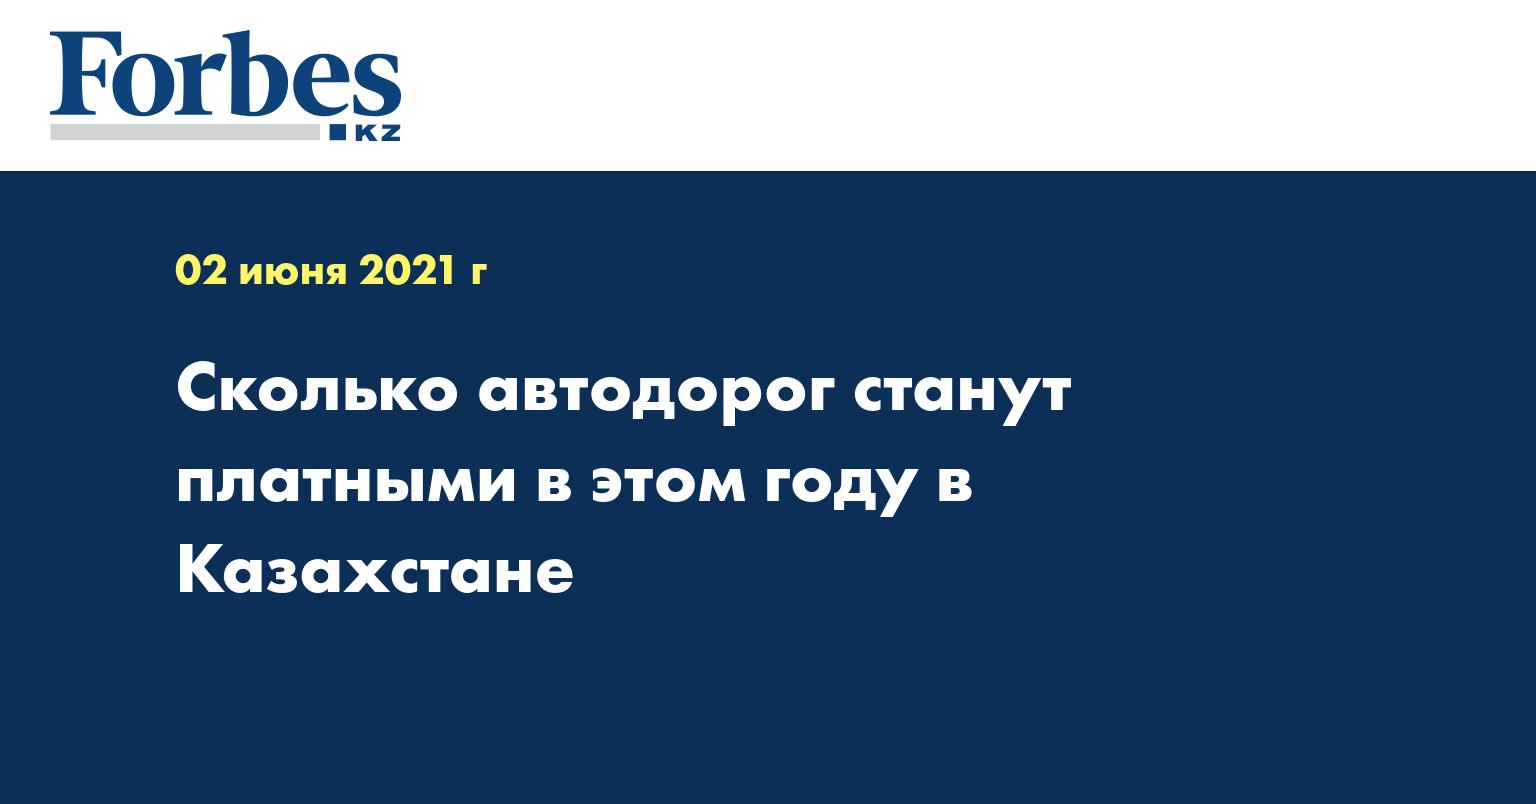 Сколько автодорог станут платными в этом году в Казахстане